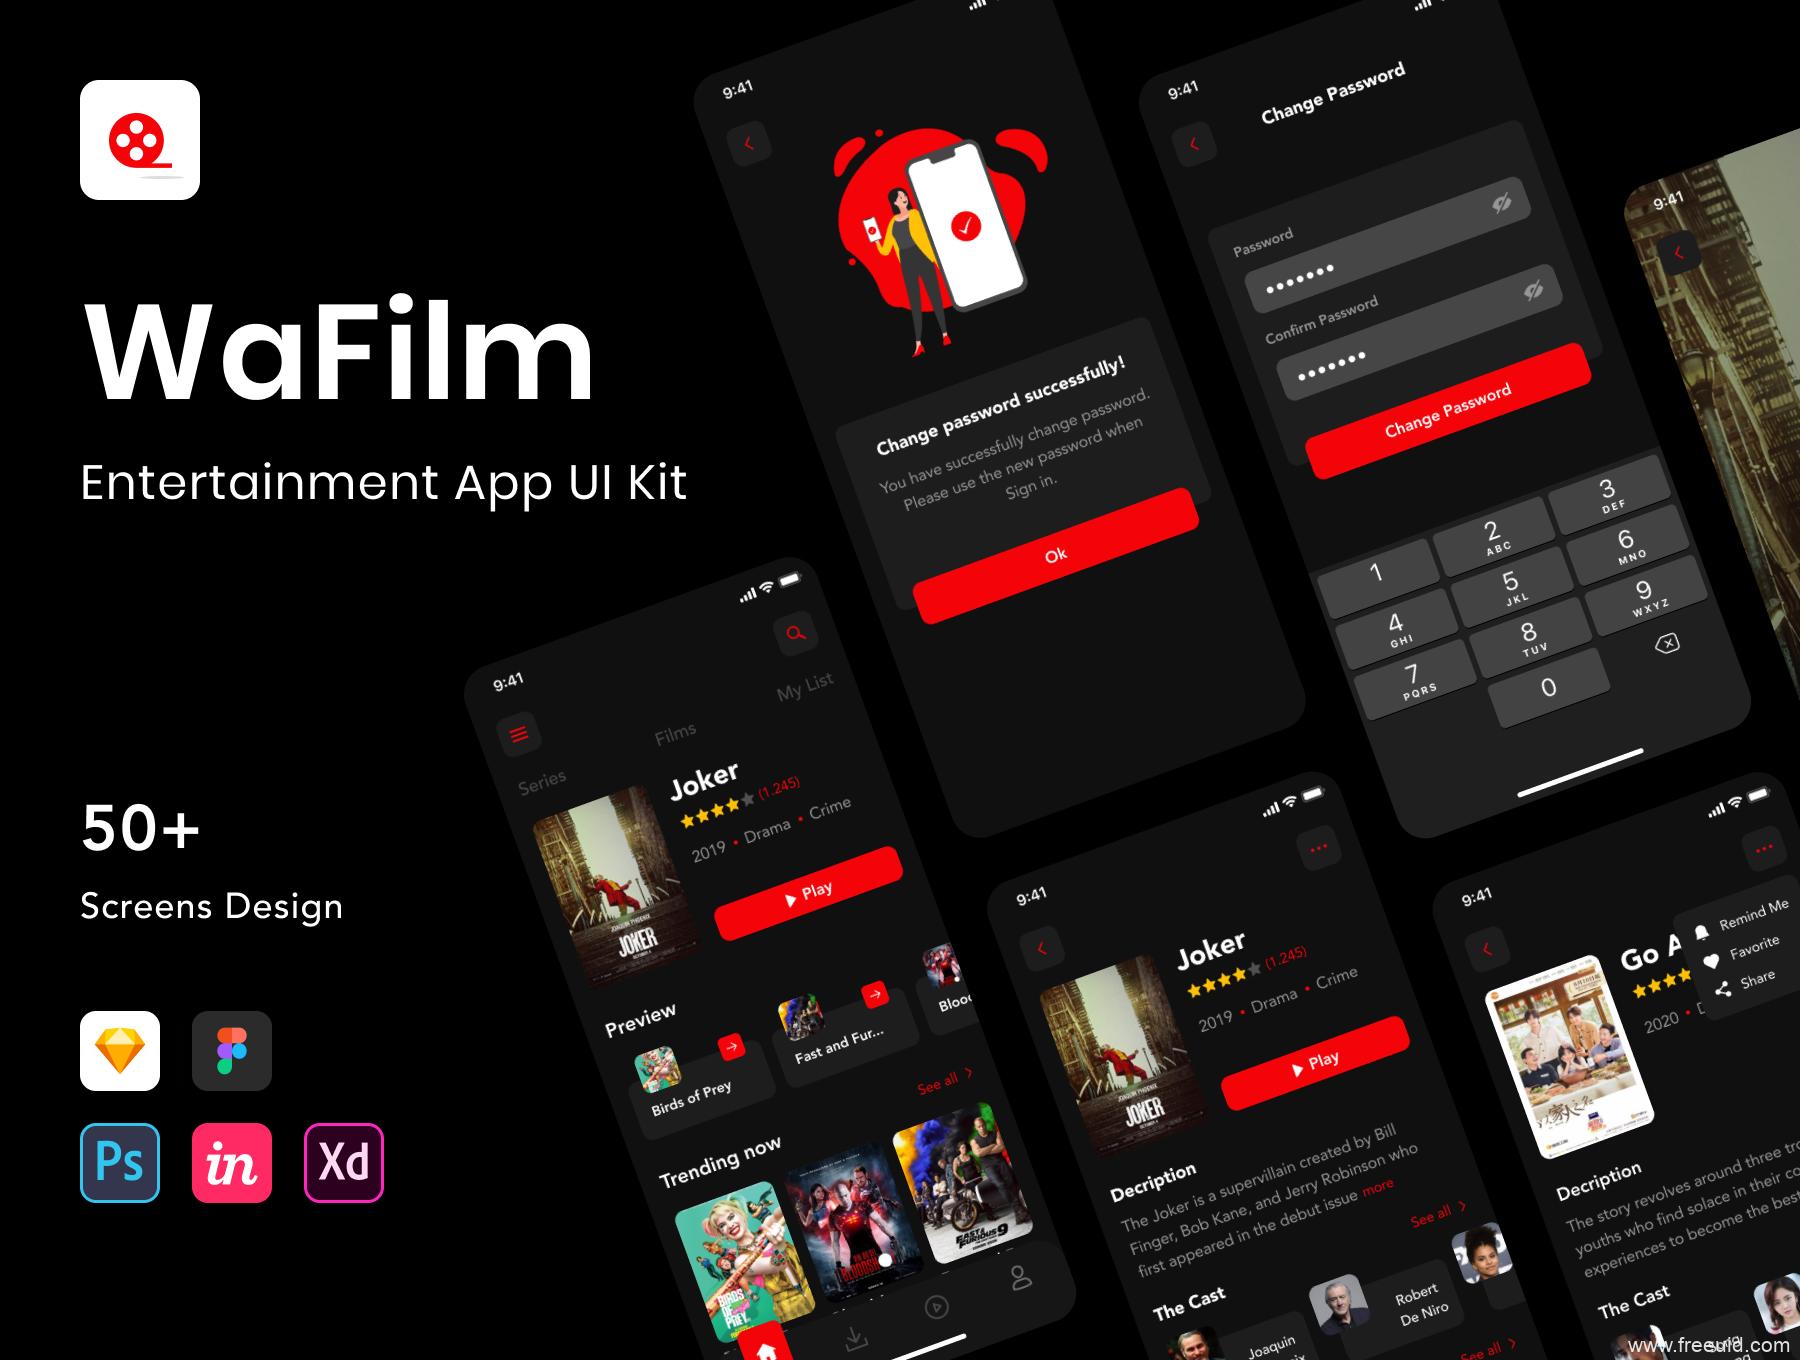 超酷电影app UI界面设计源文件,影视视频应用app UI源文件xd,sketch,fig,psd,studio格式全套